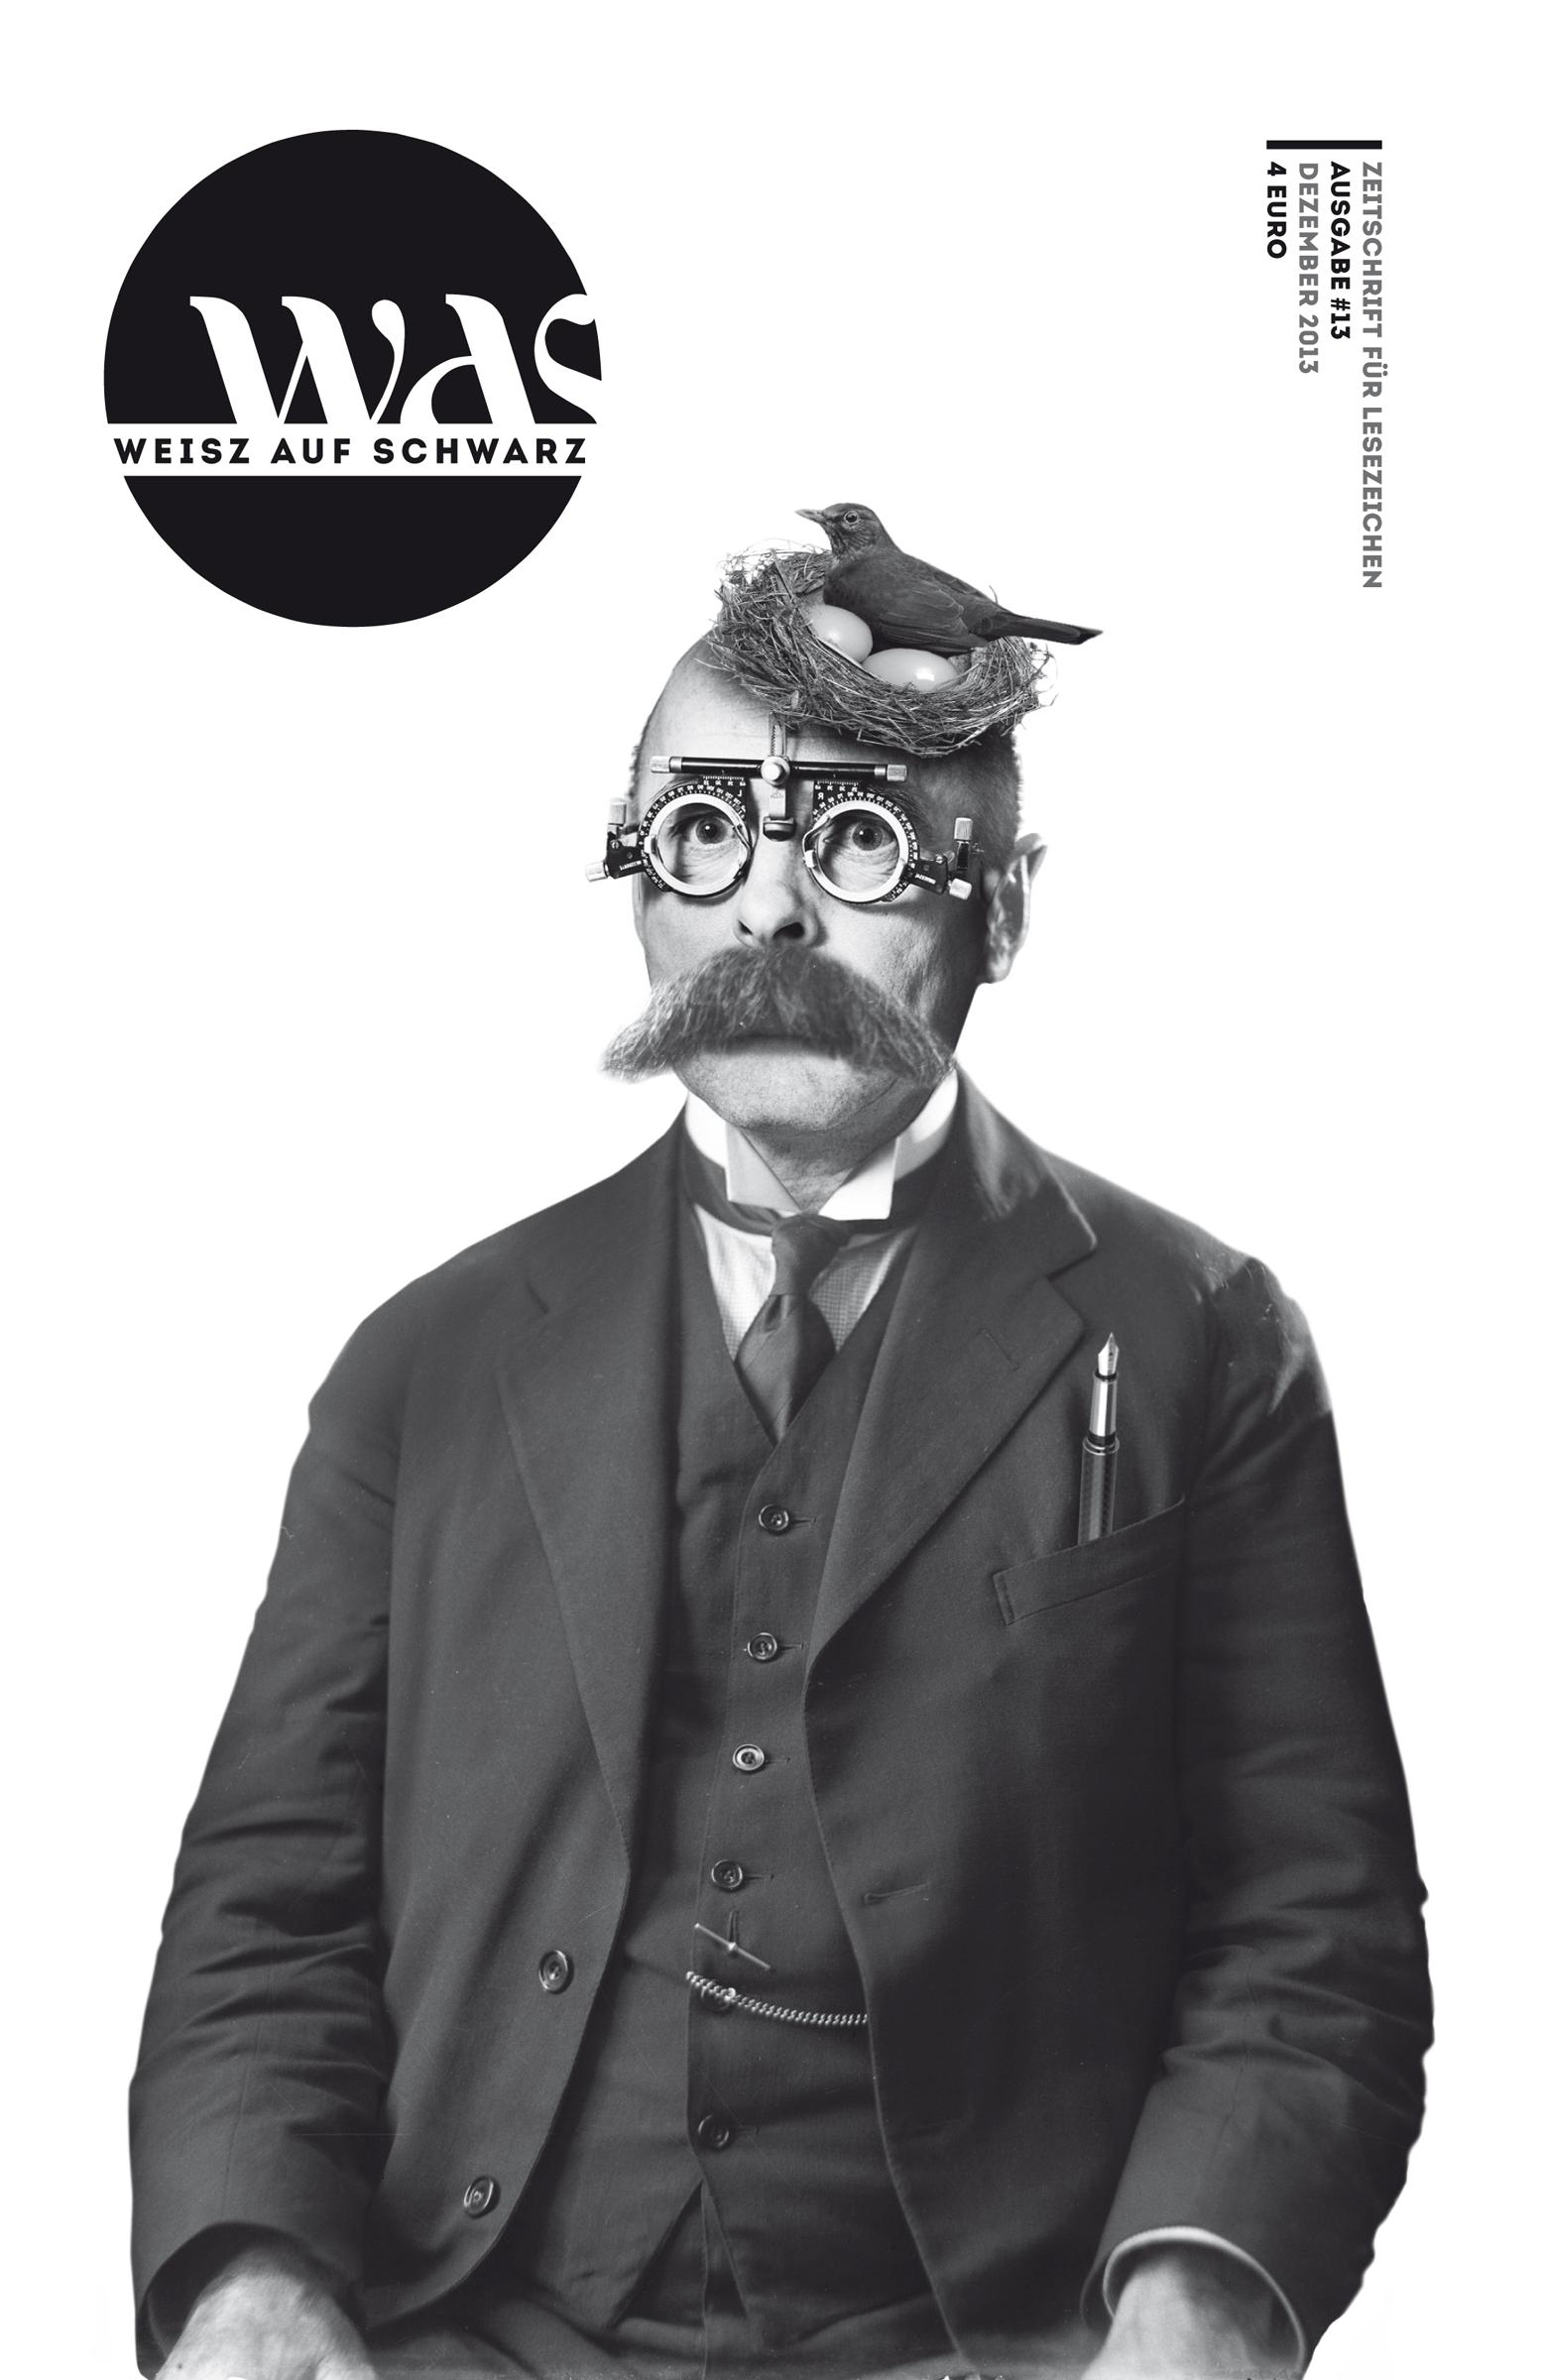 #13 Zeitschrift für Lesezeichen